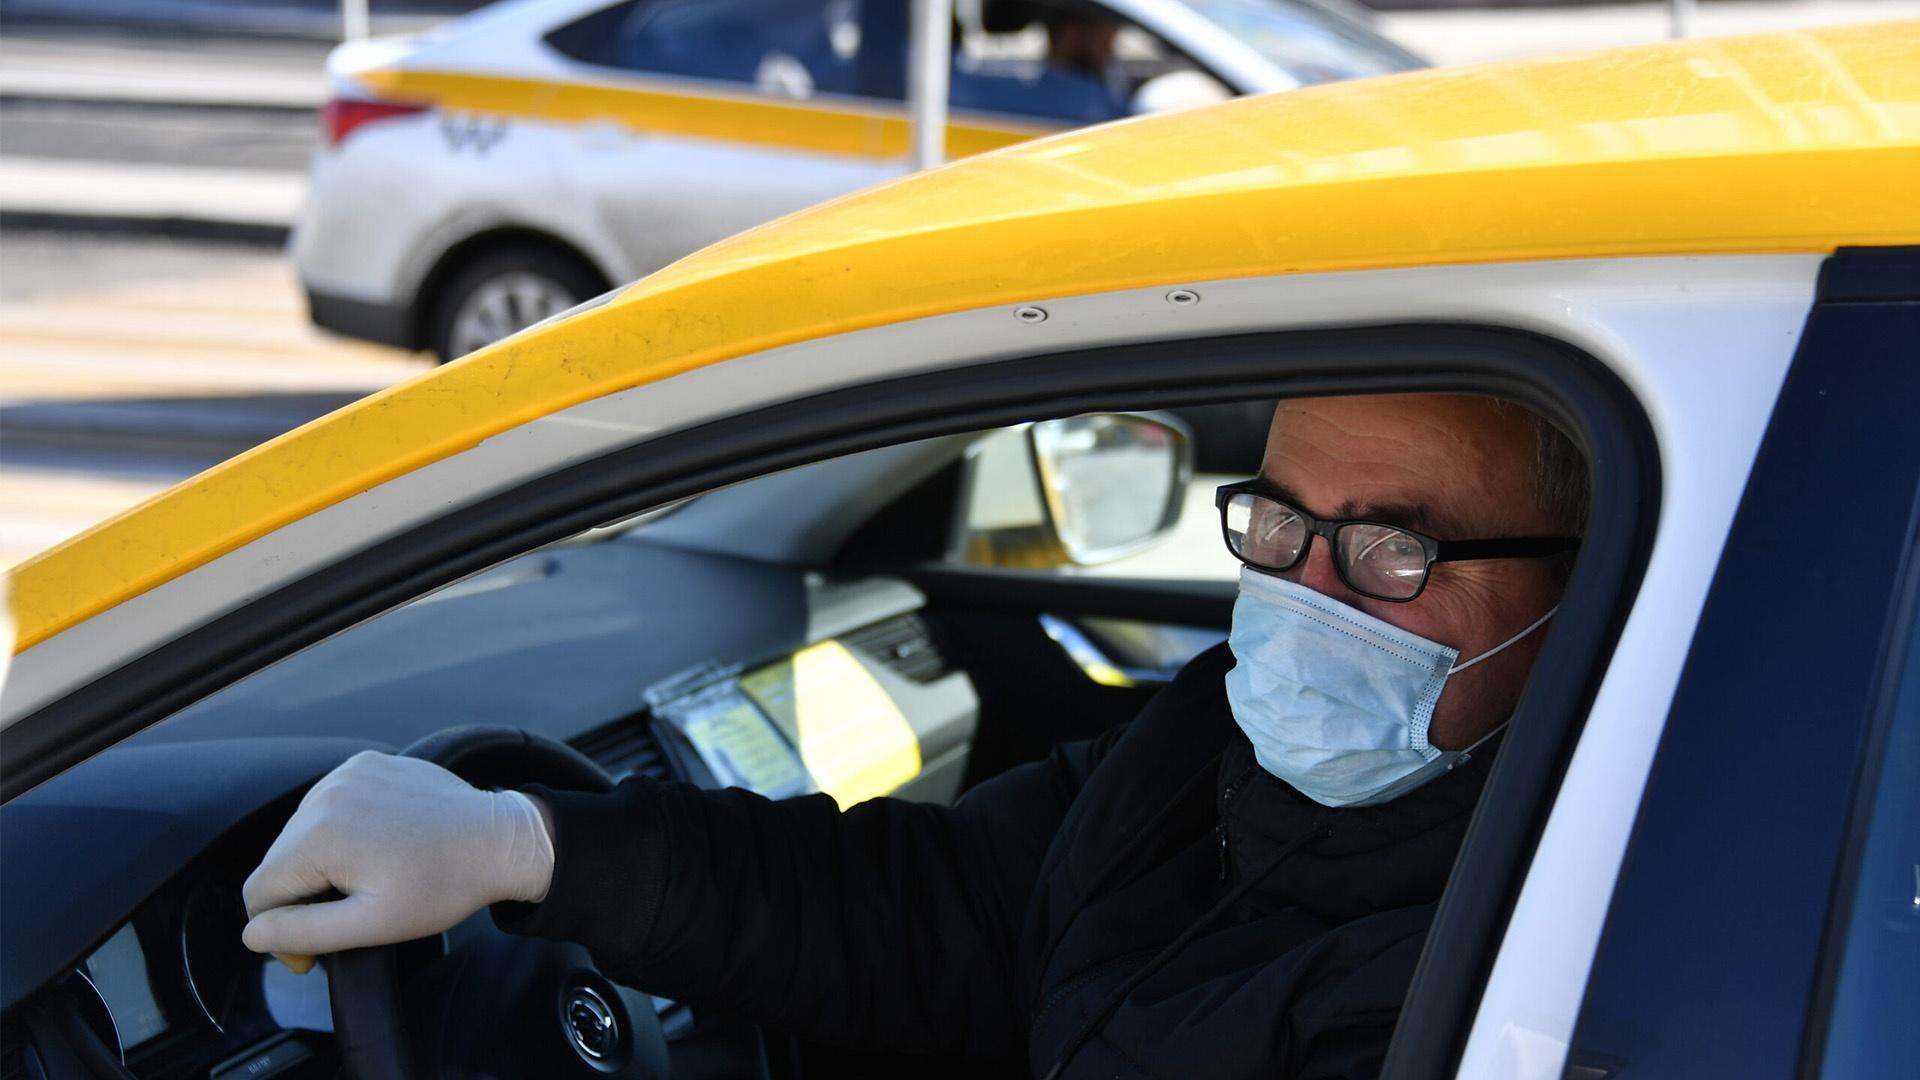 Роспотребнадзор проверил столичные такси на соблюдение санитарно-эпидемических норм